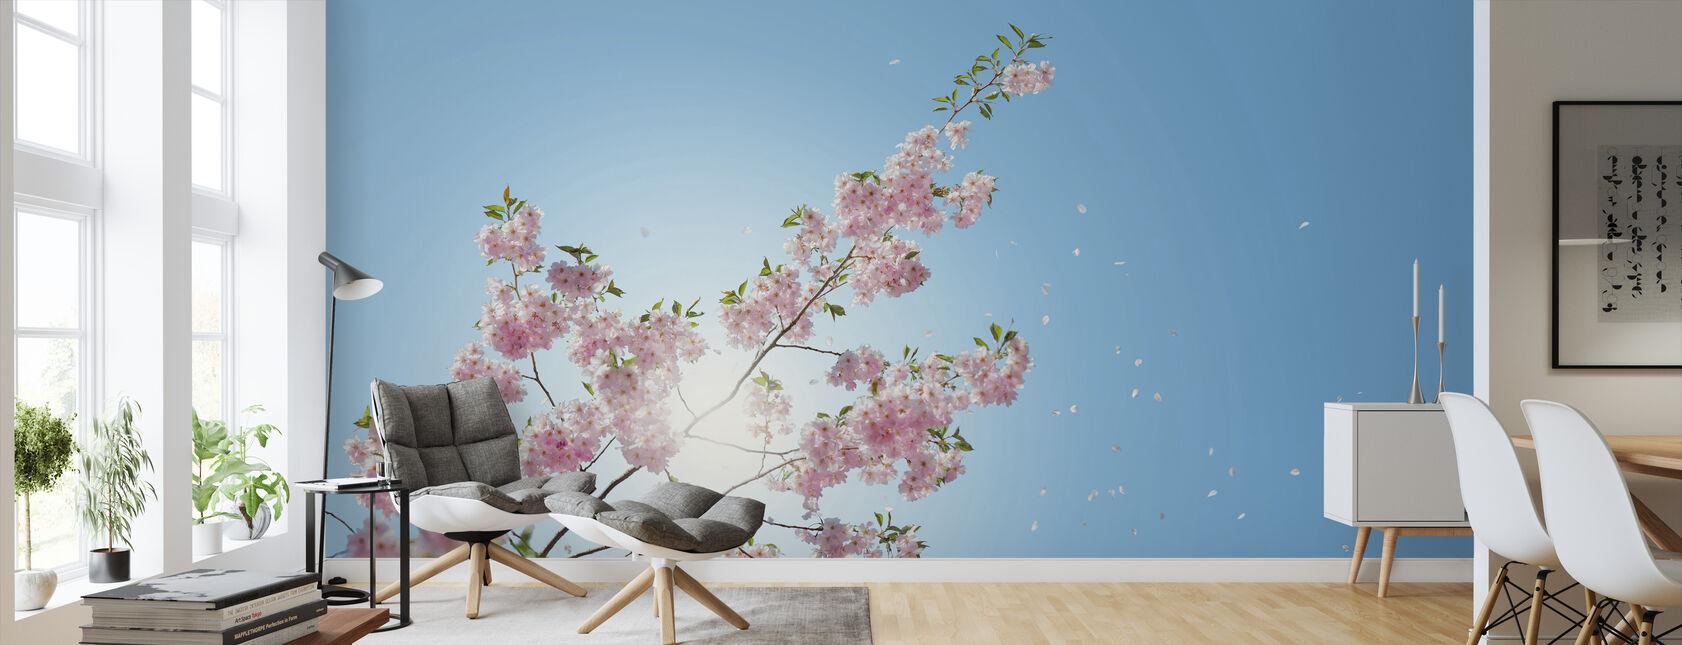 Falling Petals - Wallpaper - Living Room